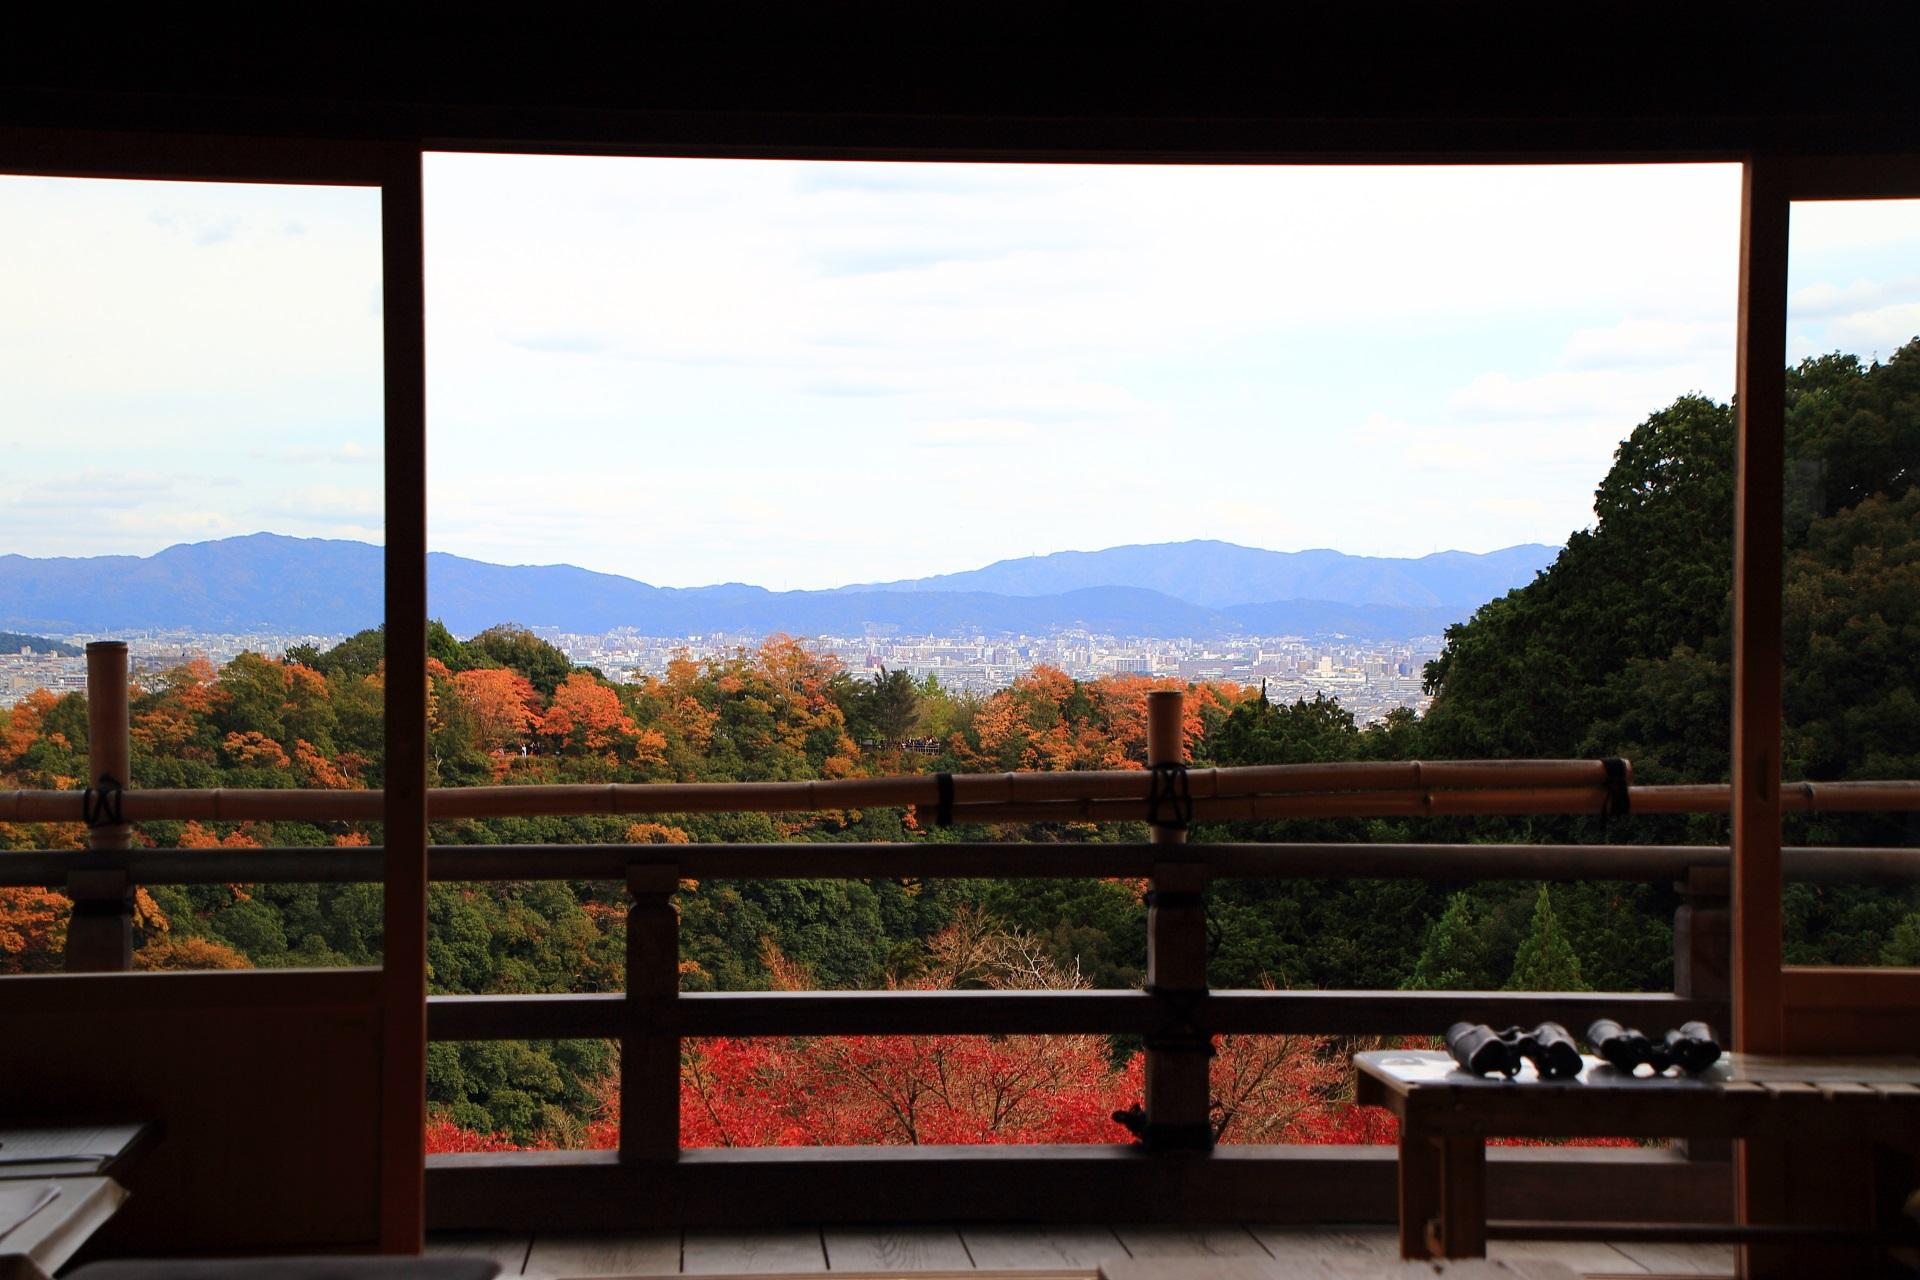 大悲閣千光寺の客殿から眺めた紅葉や山々と京都市街